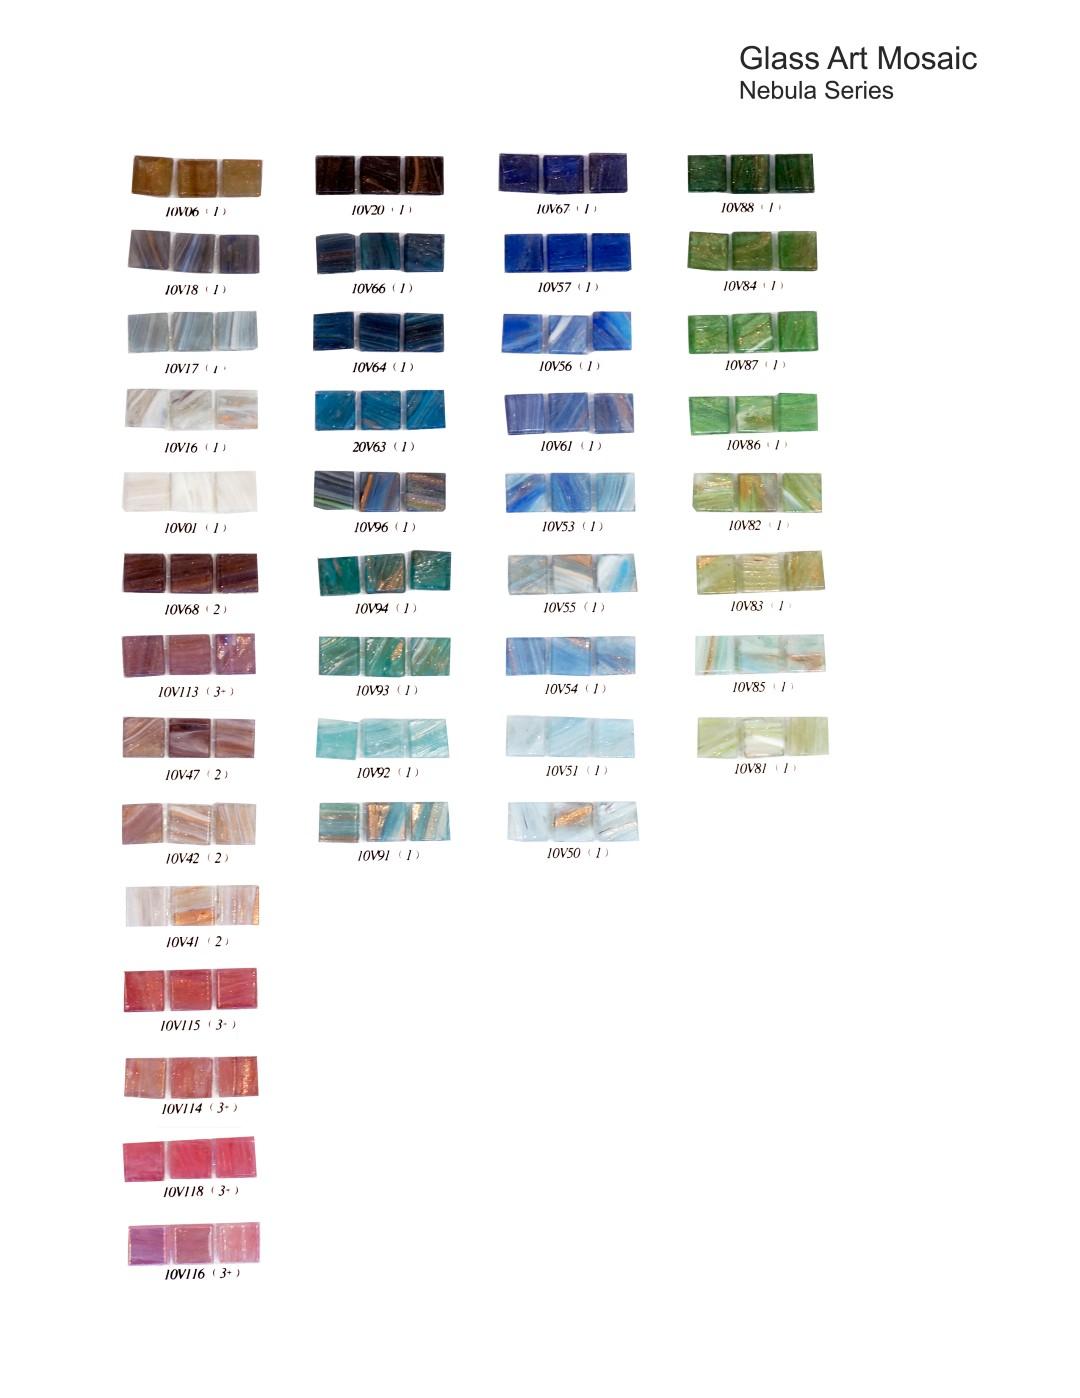 Glass Art Mosaic Nebula Series (Large).jpg